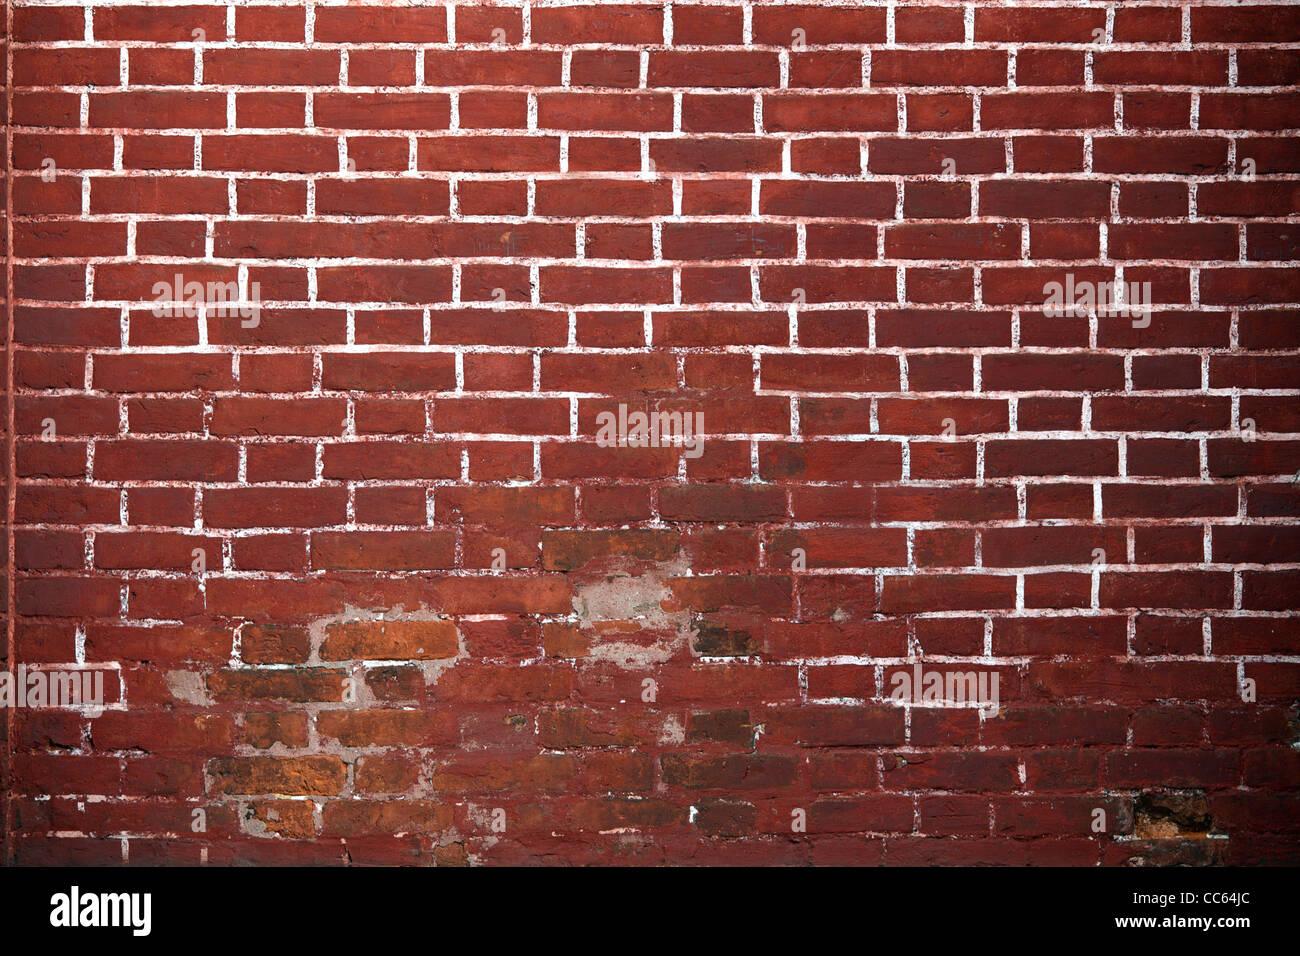 Alte rote Ziegel Wand Hintergrund. Stockbild